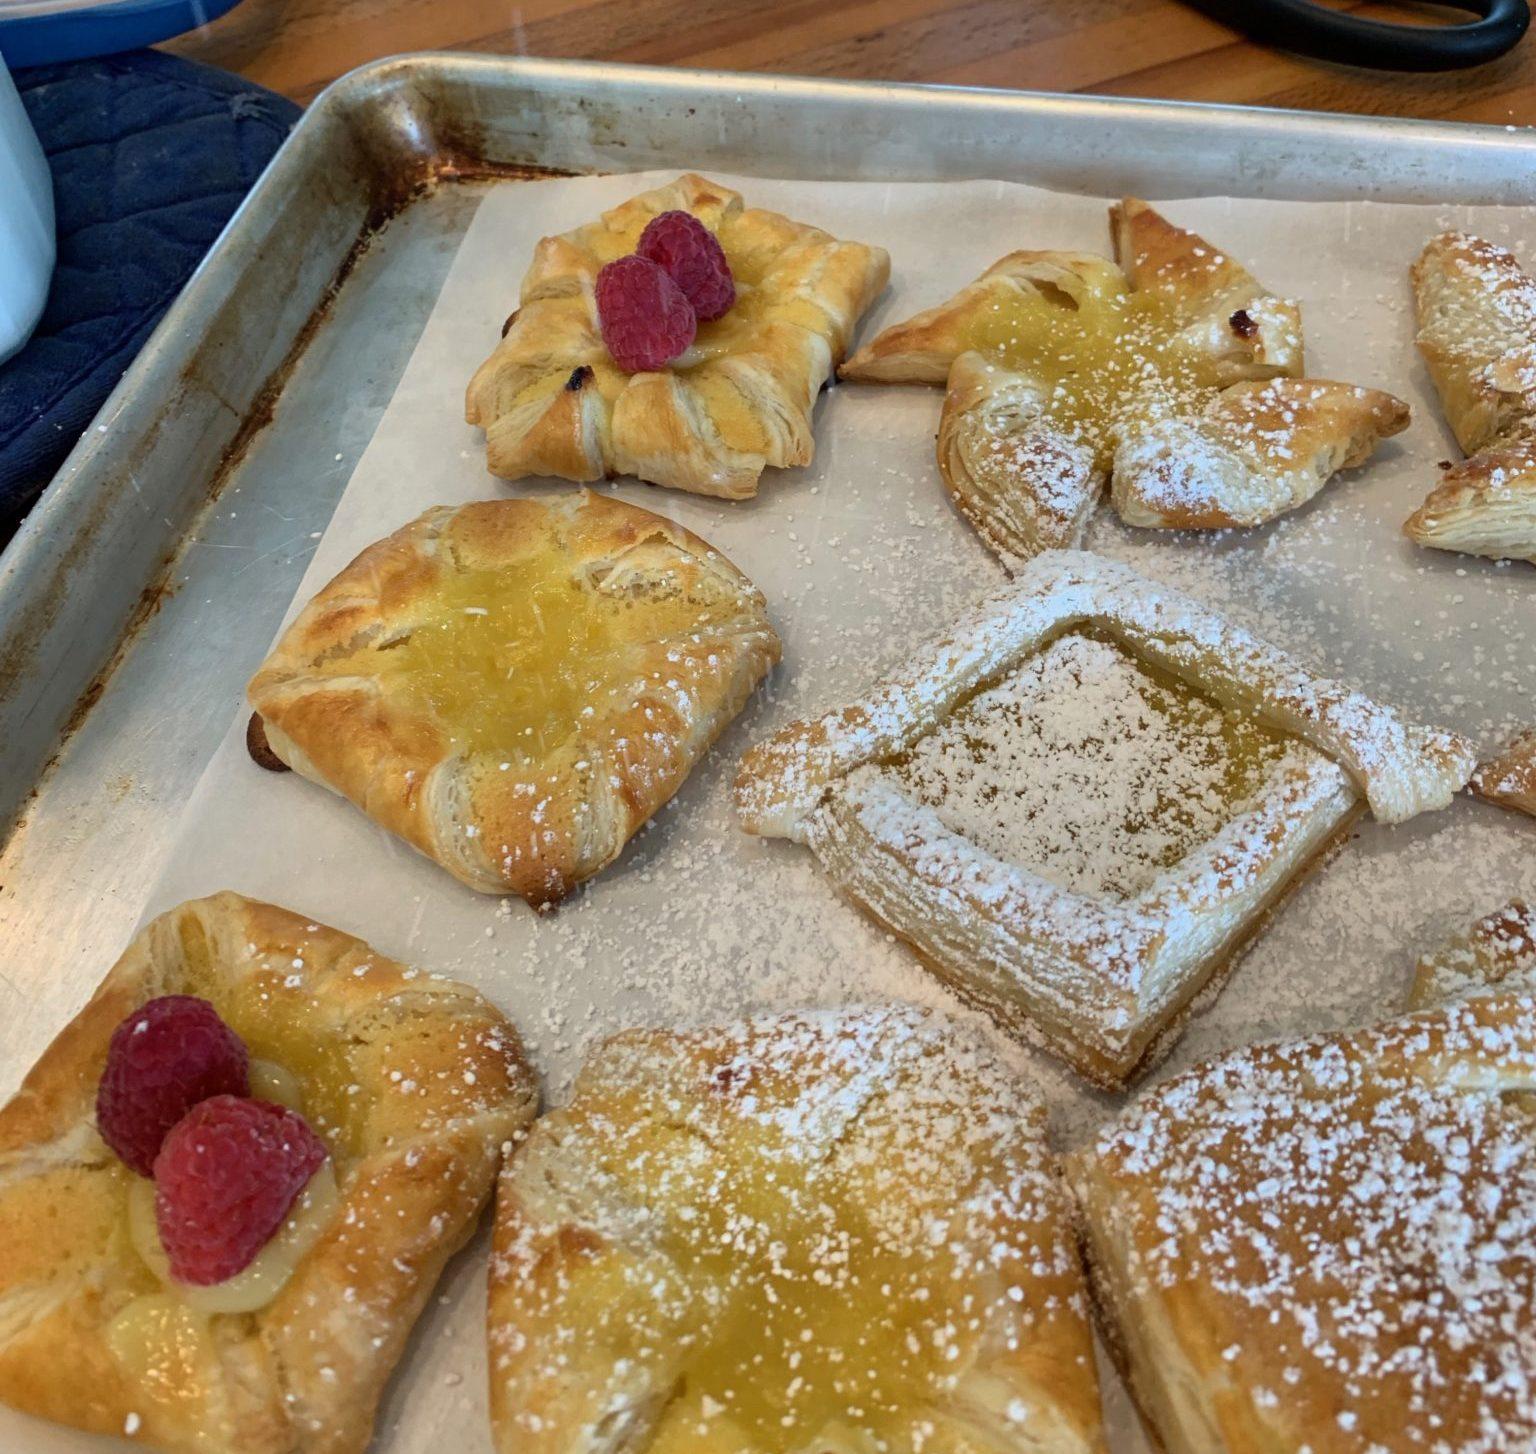 Decorating danish pastries